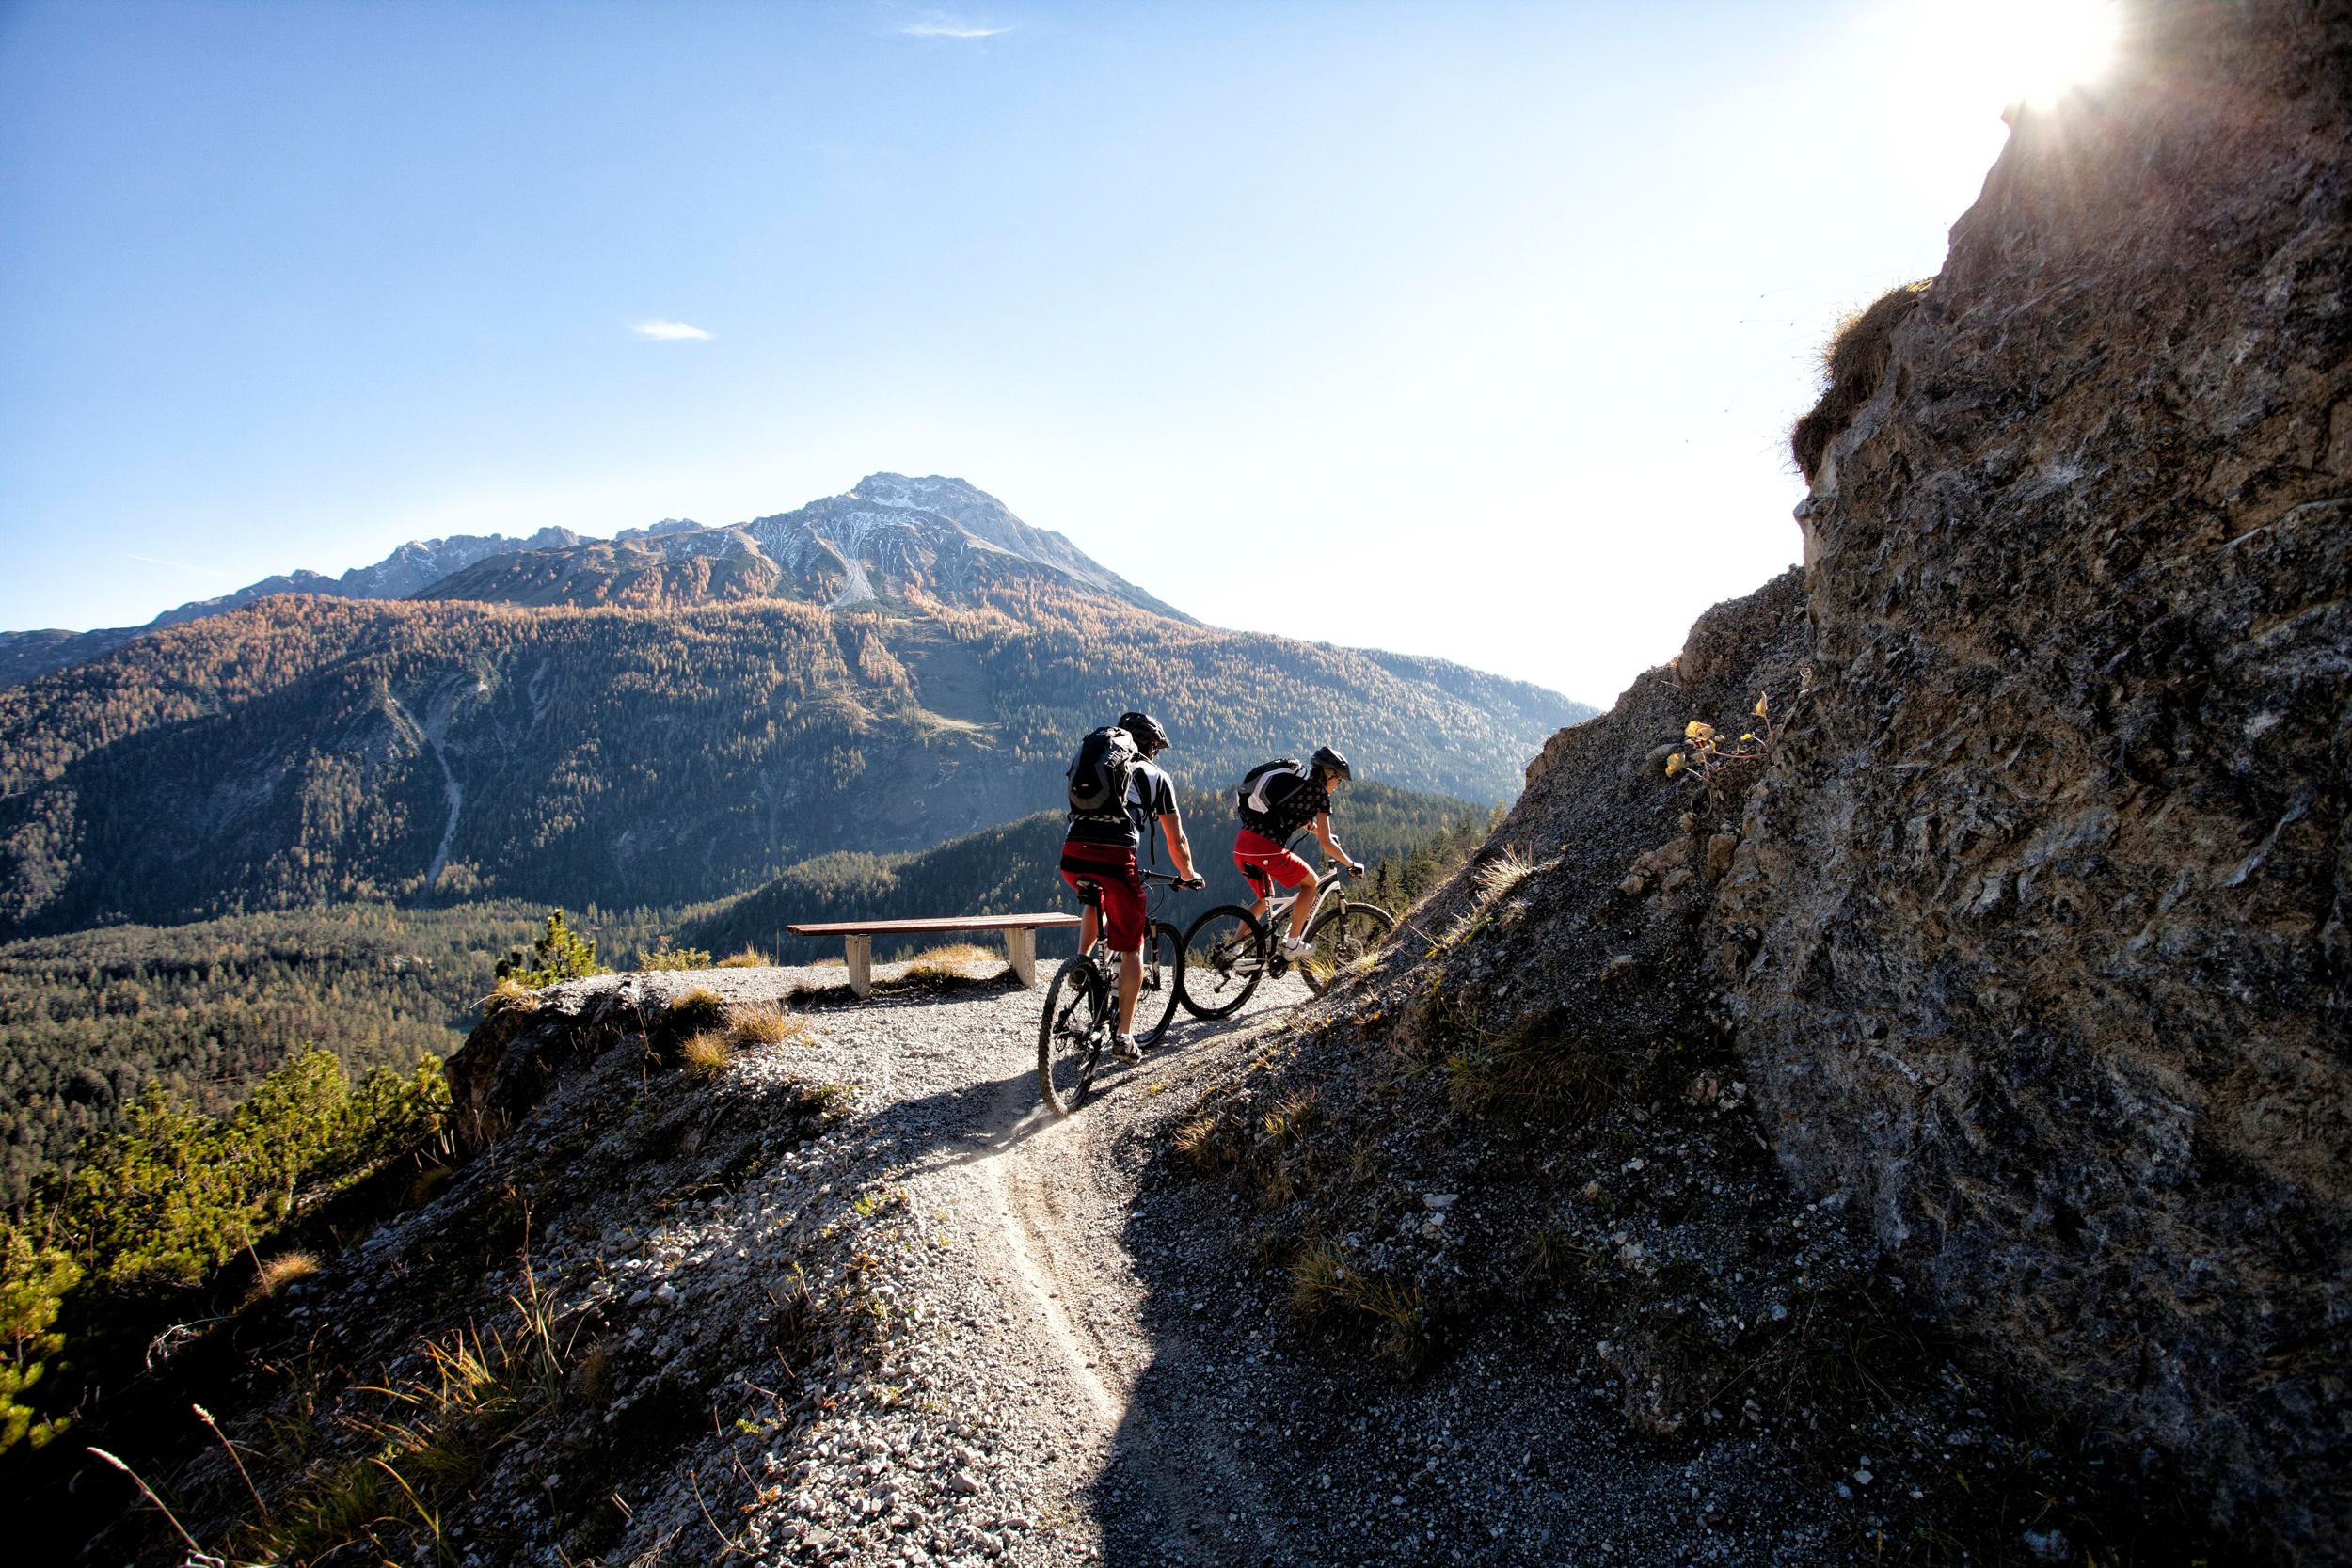 Mountainbike_Abfahrt_03